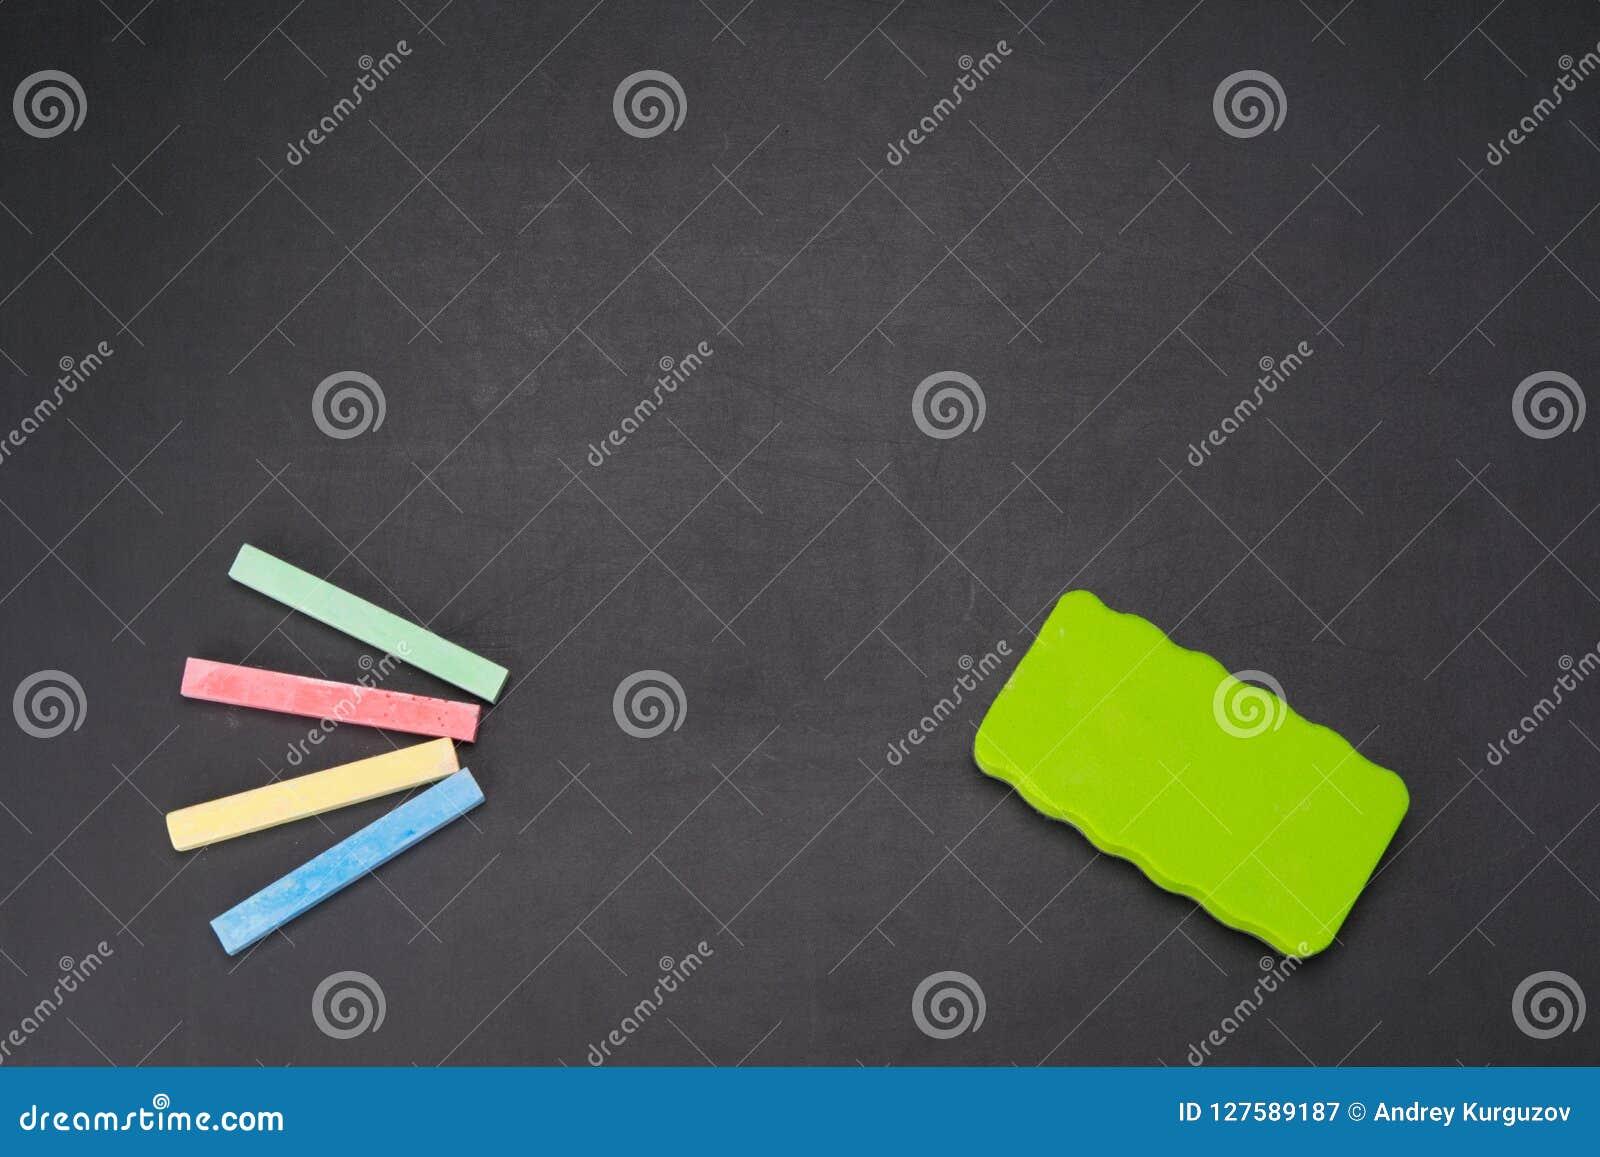 Op een zwarte is de raad een multi-colored krijt voor tekening en een spons voor het wissen